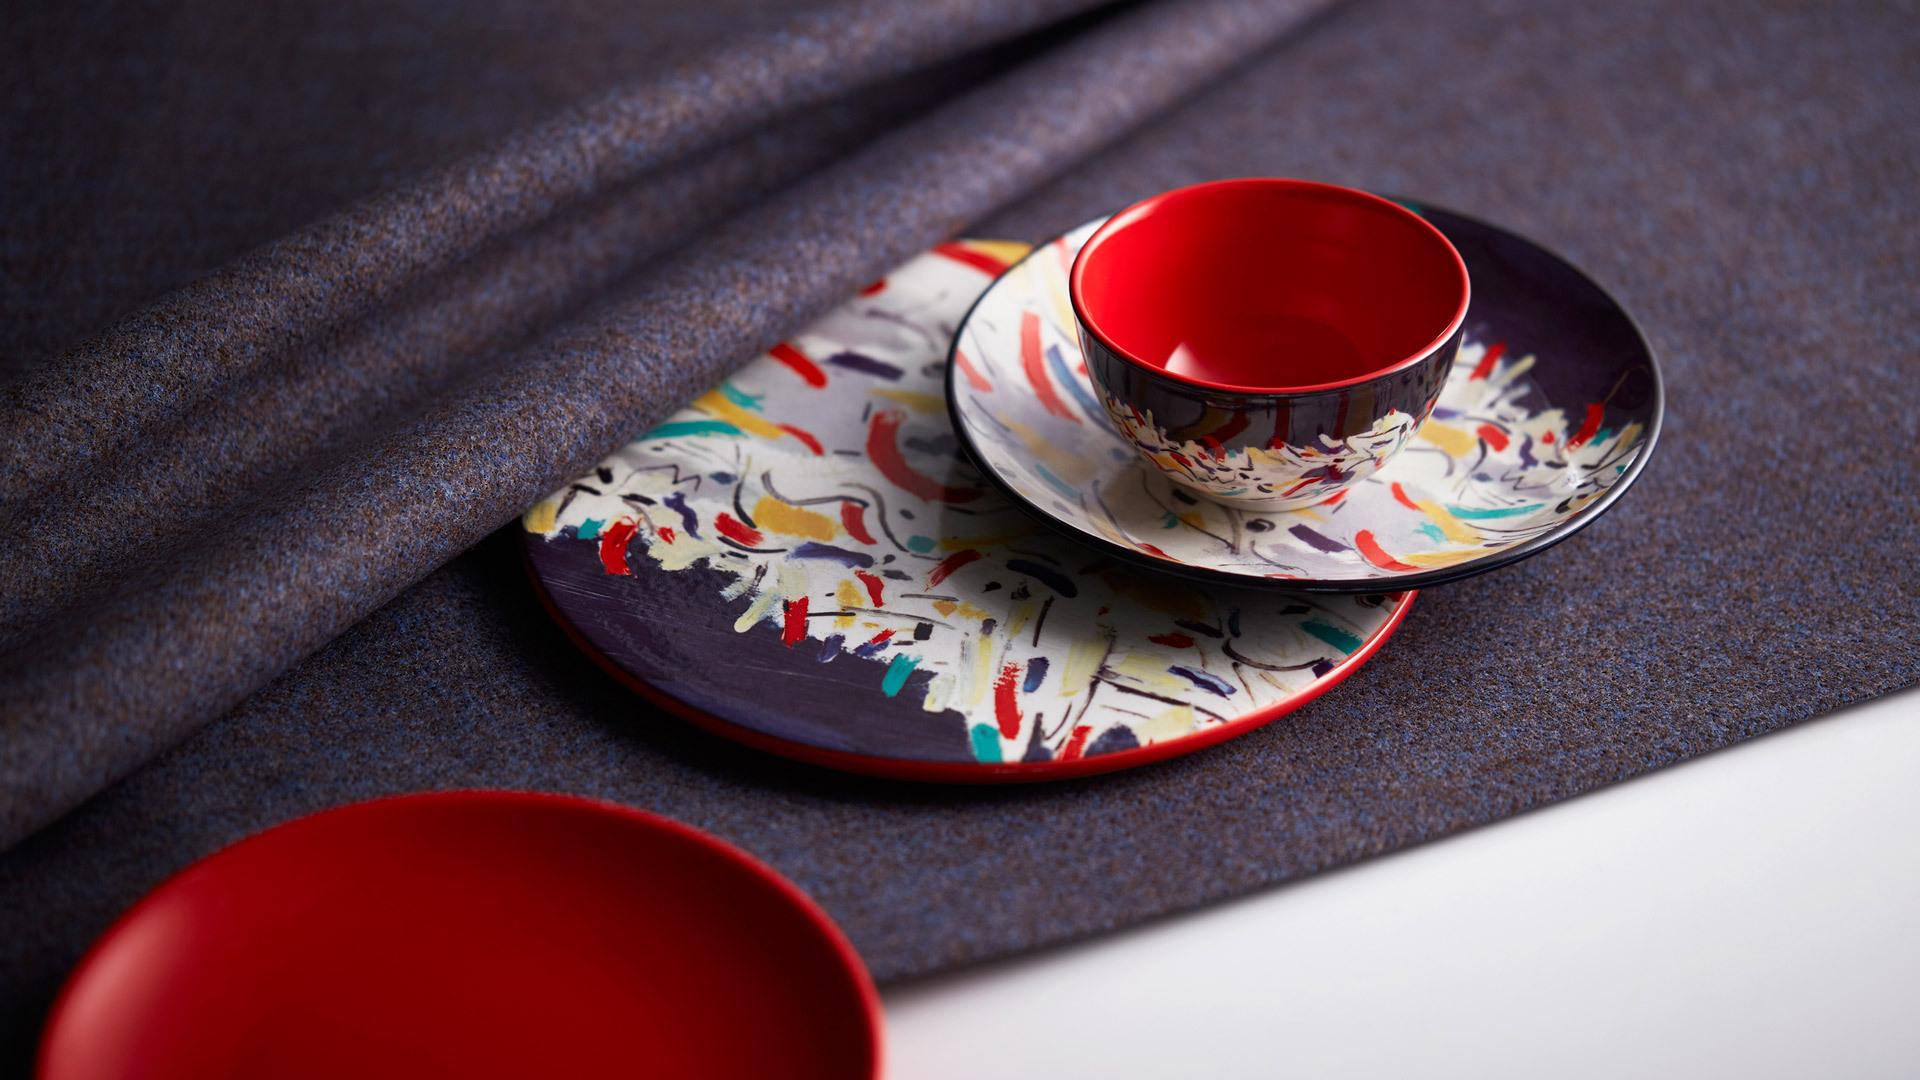 画作纹样与正红色撞击出瓷器澎湃的温度,赋予餐具跳动的生命力。